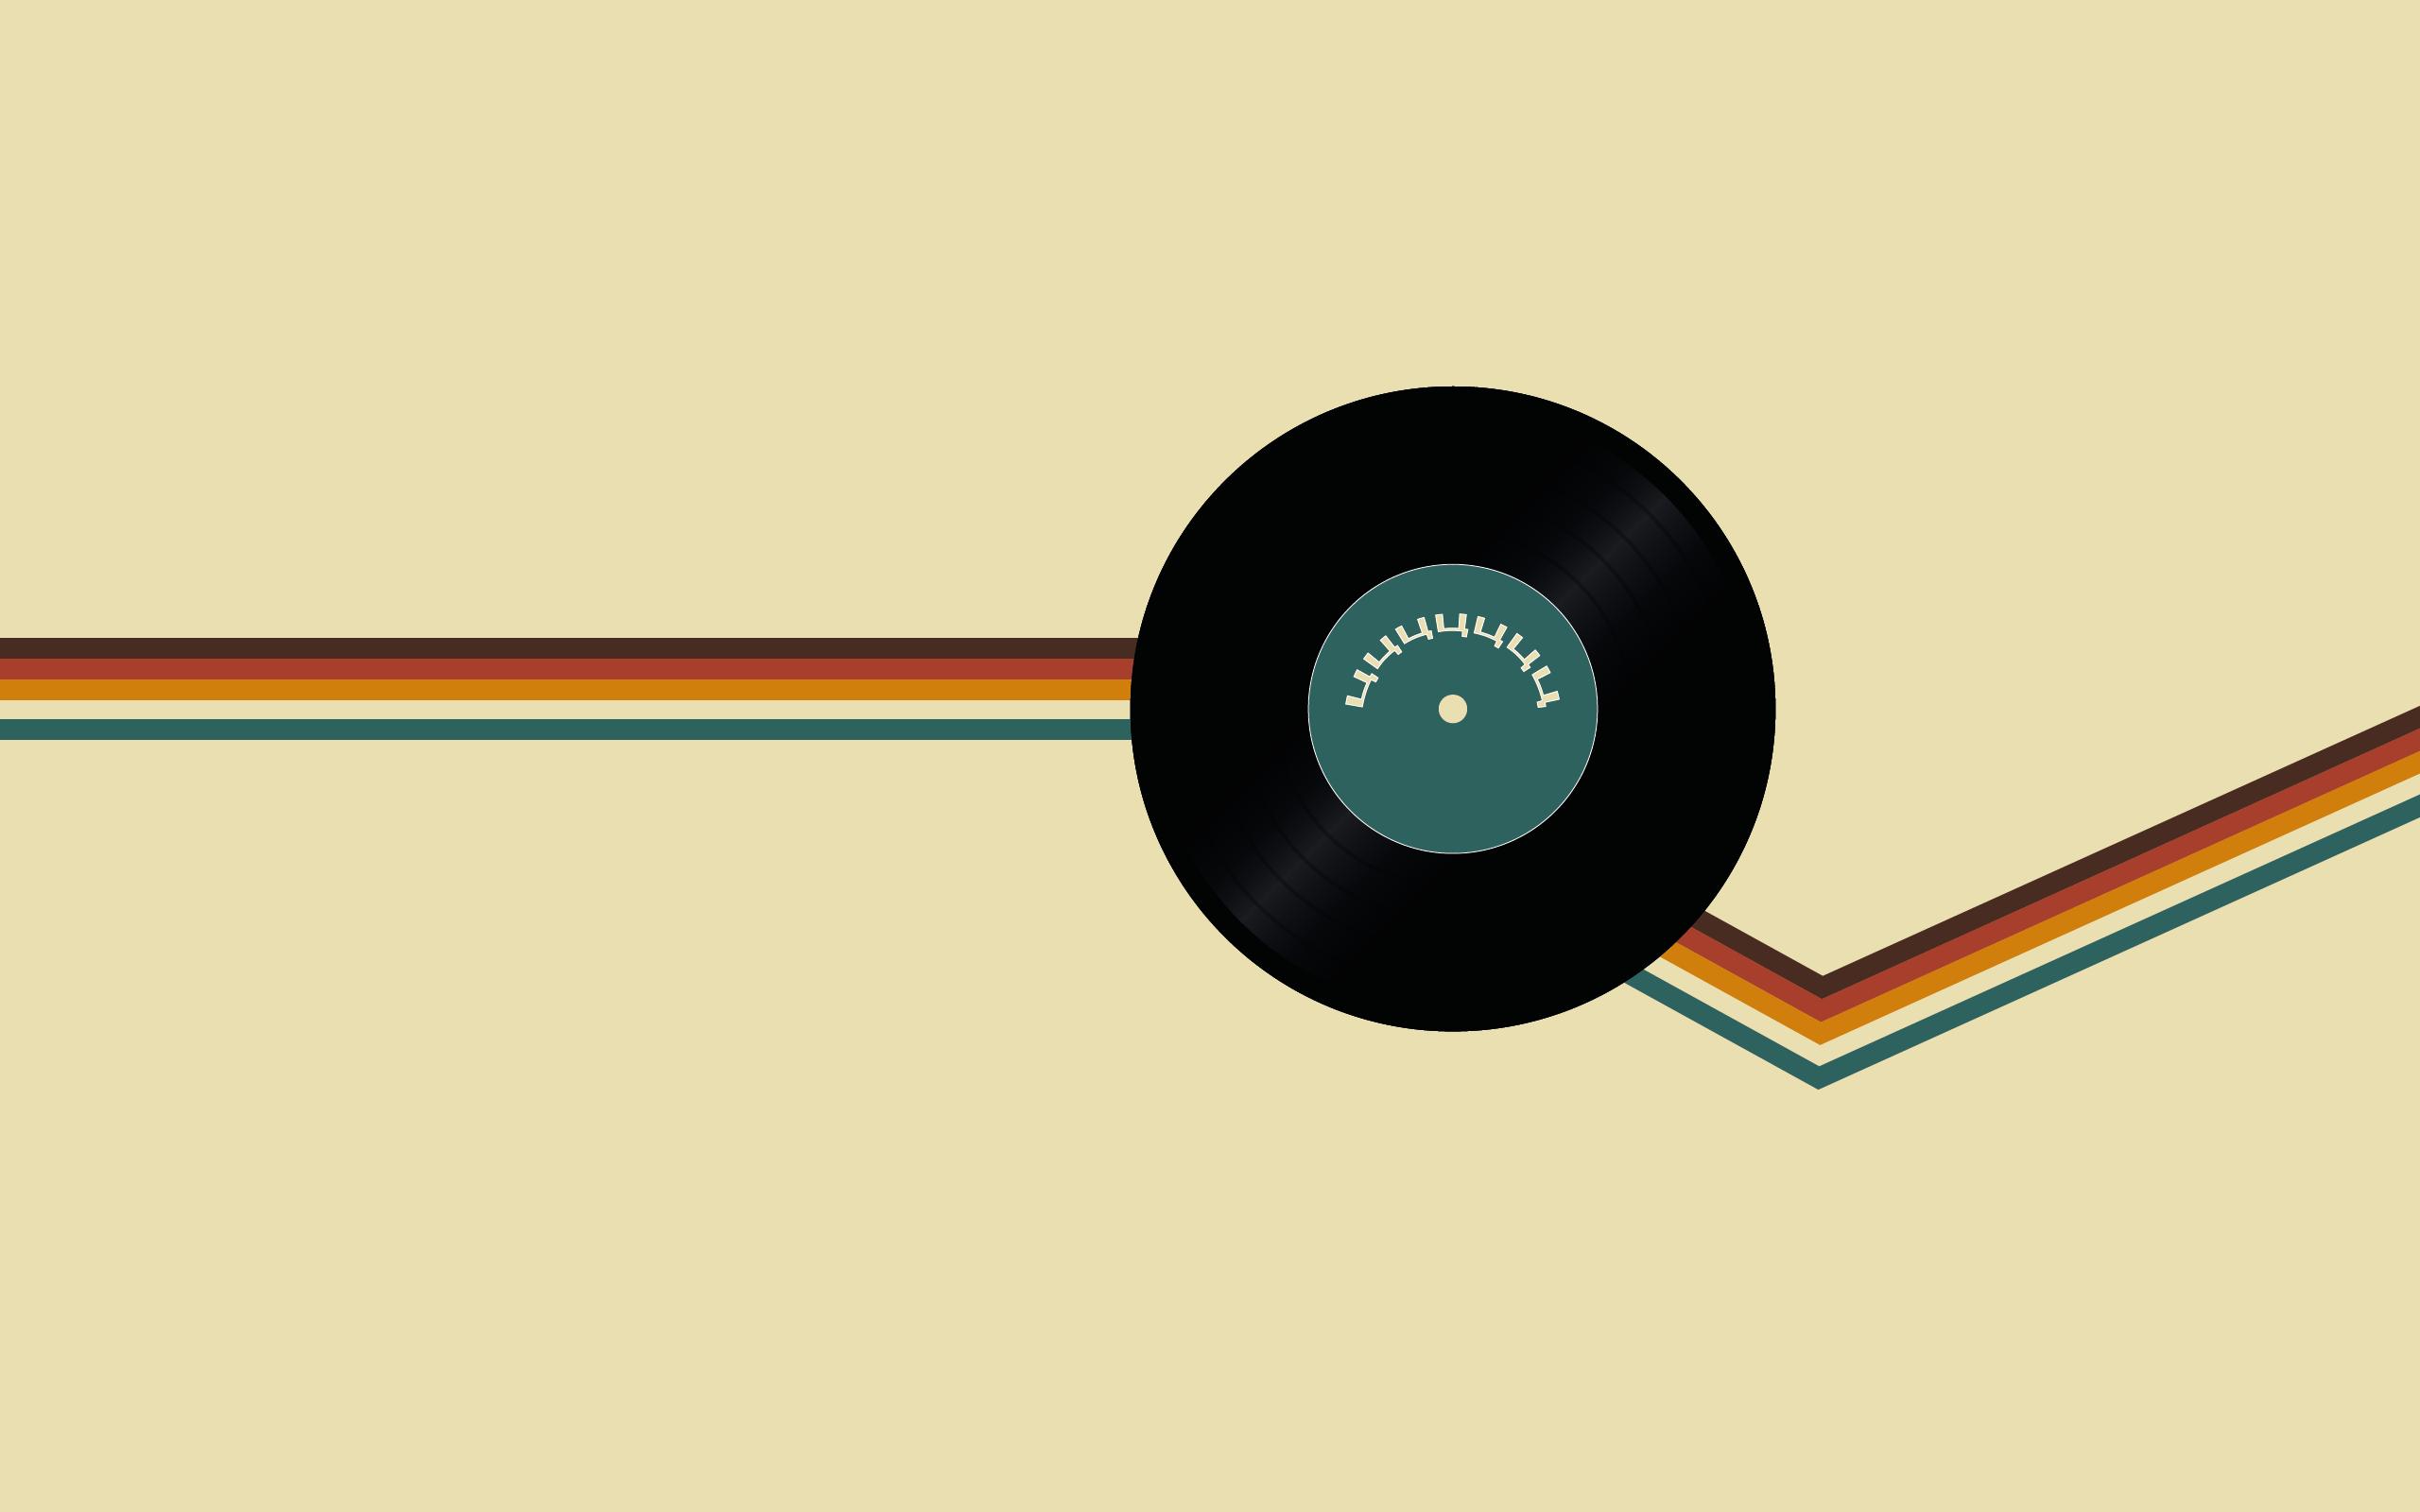 Обои Gramophone, музыка. Музыка foto 4